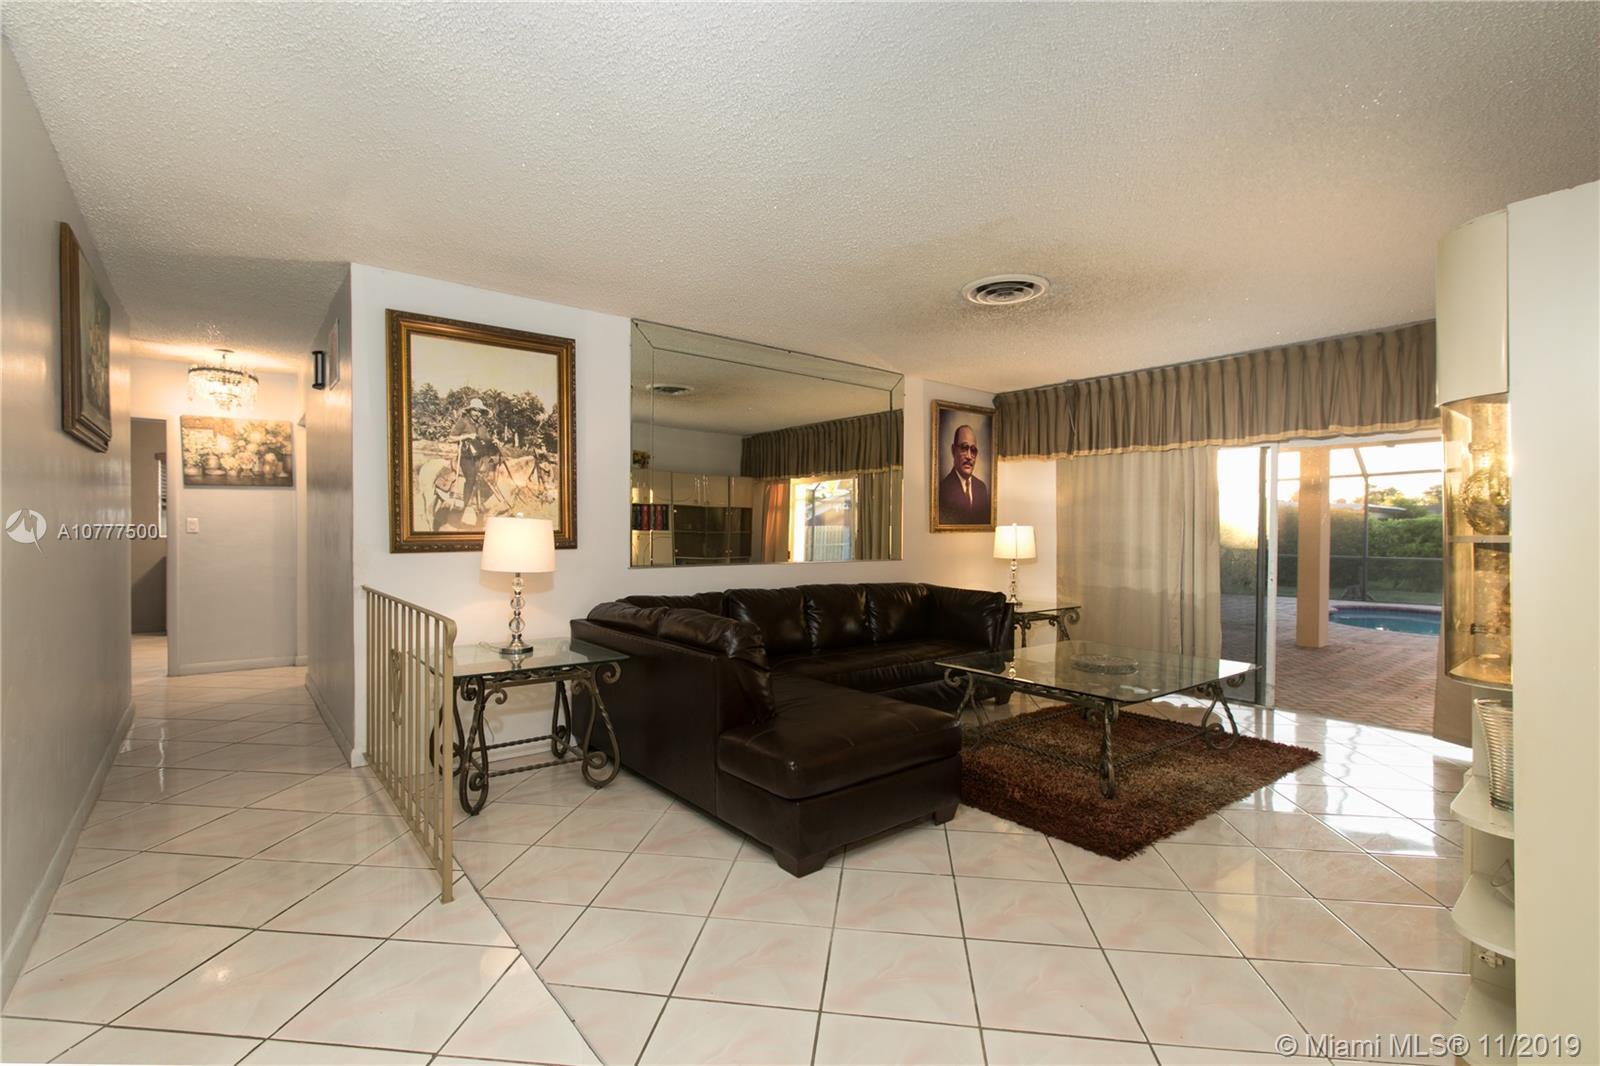 11812 SW 107th Ct, Miami, FL 33176 - Miami, FL real estate listing